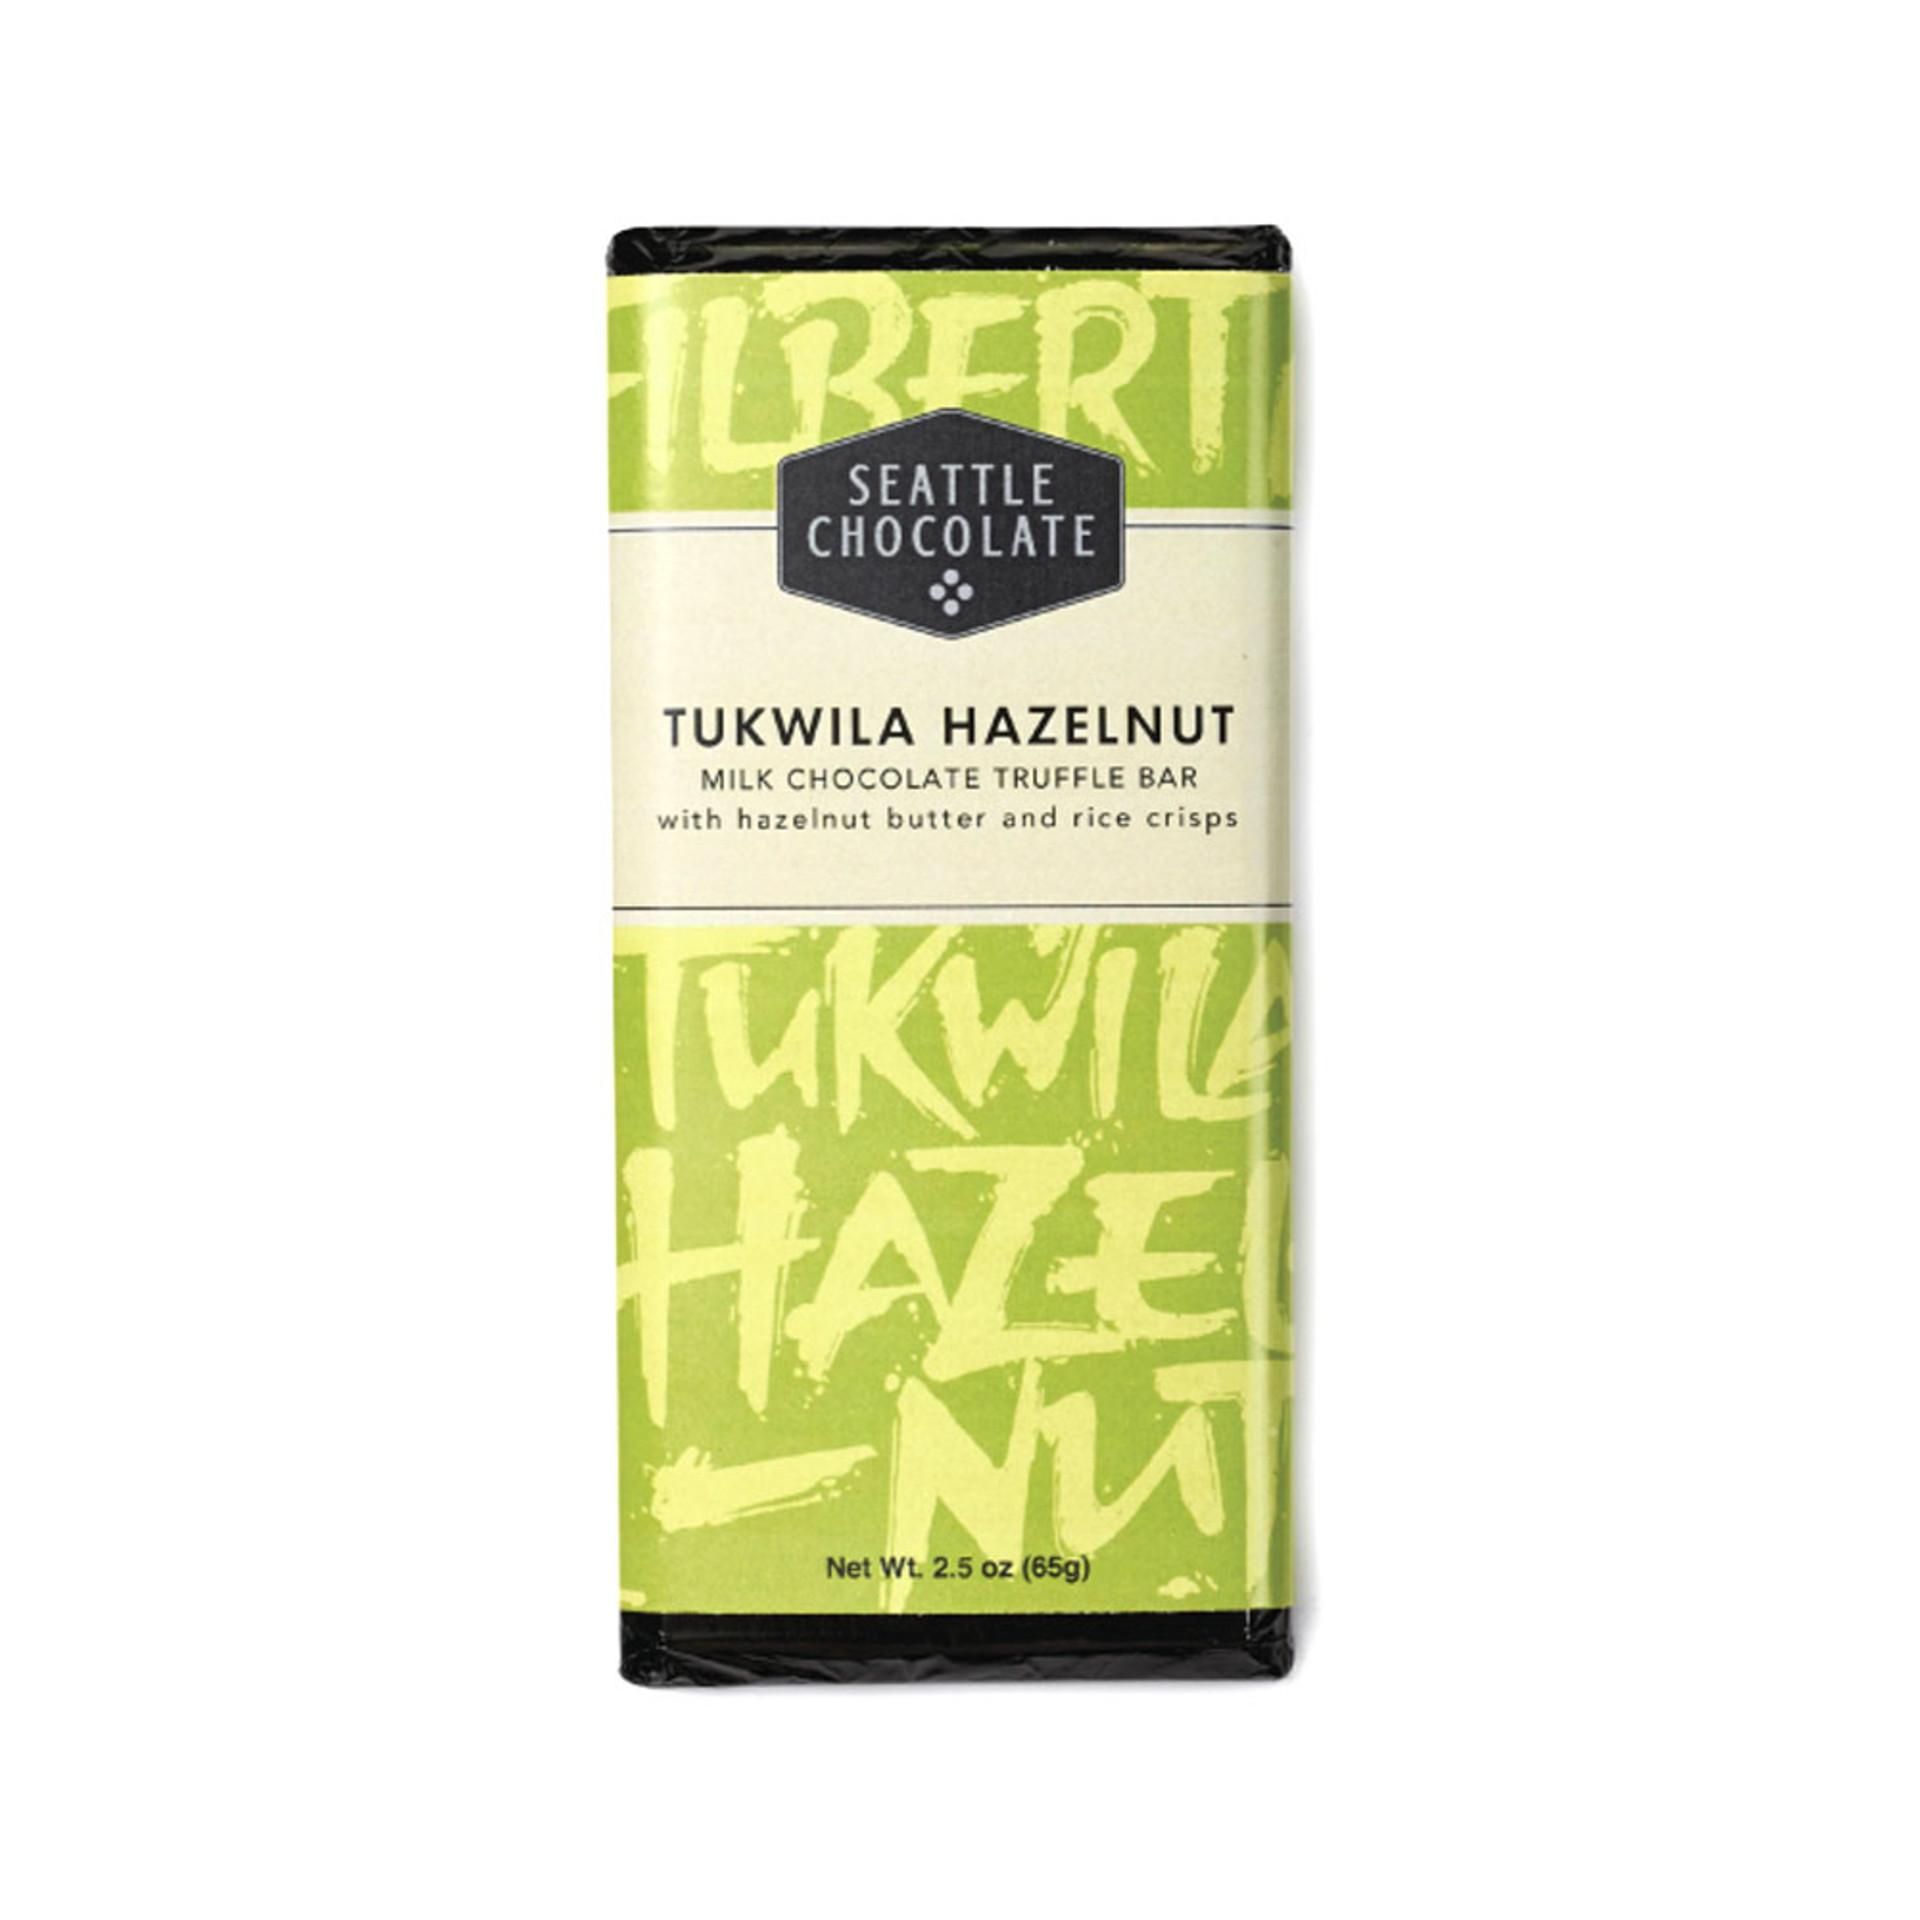 Seattle Chocolates Tukwila Hazelnut Bar